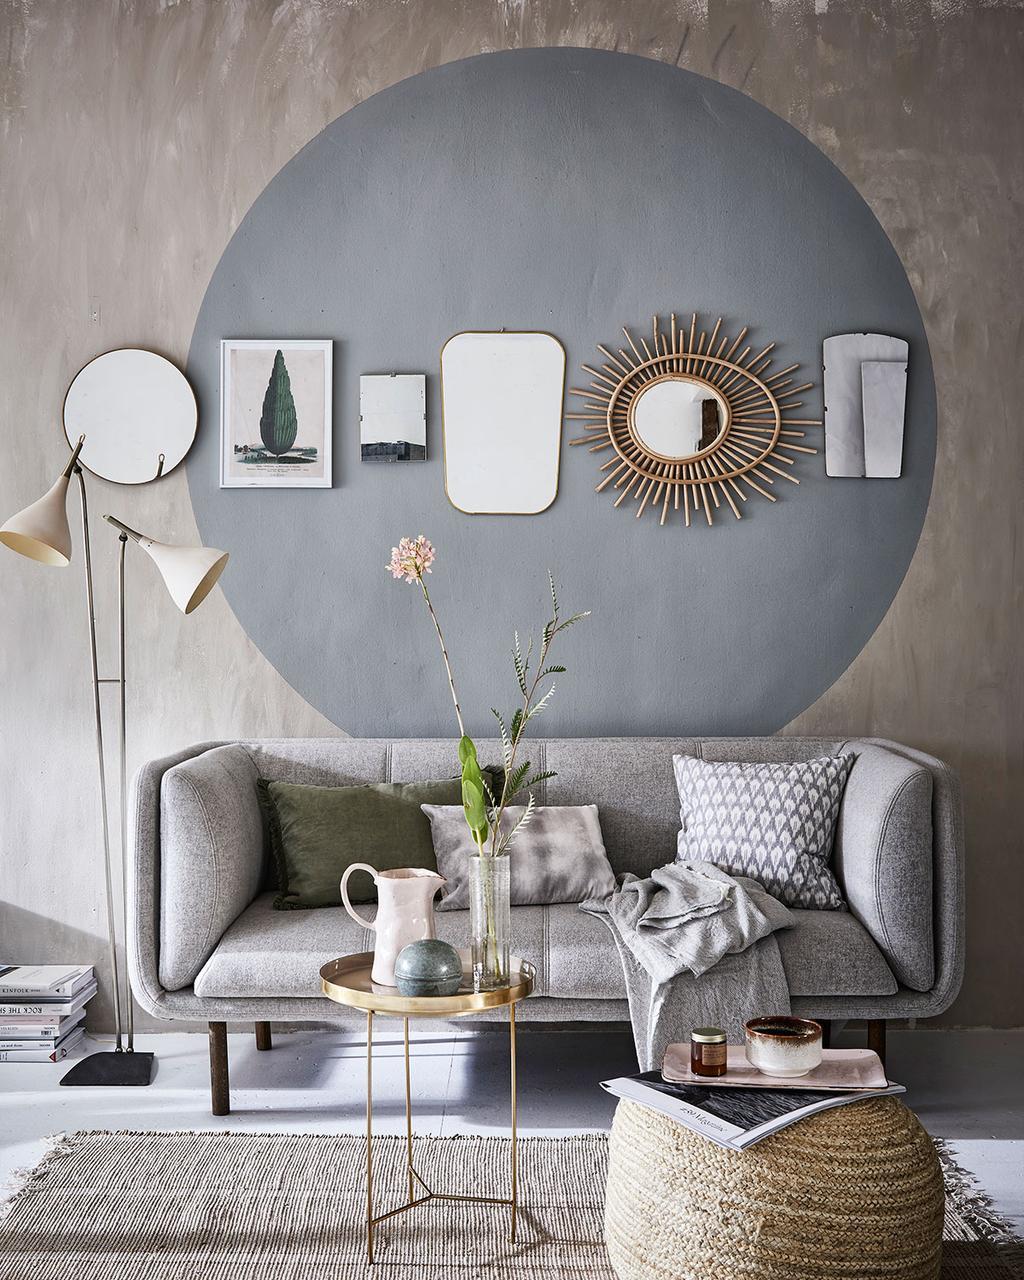 Woonkamer met grijze bank en spiegels in een verfcirkel